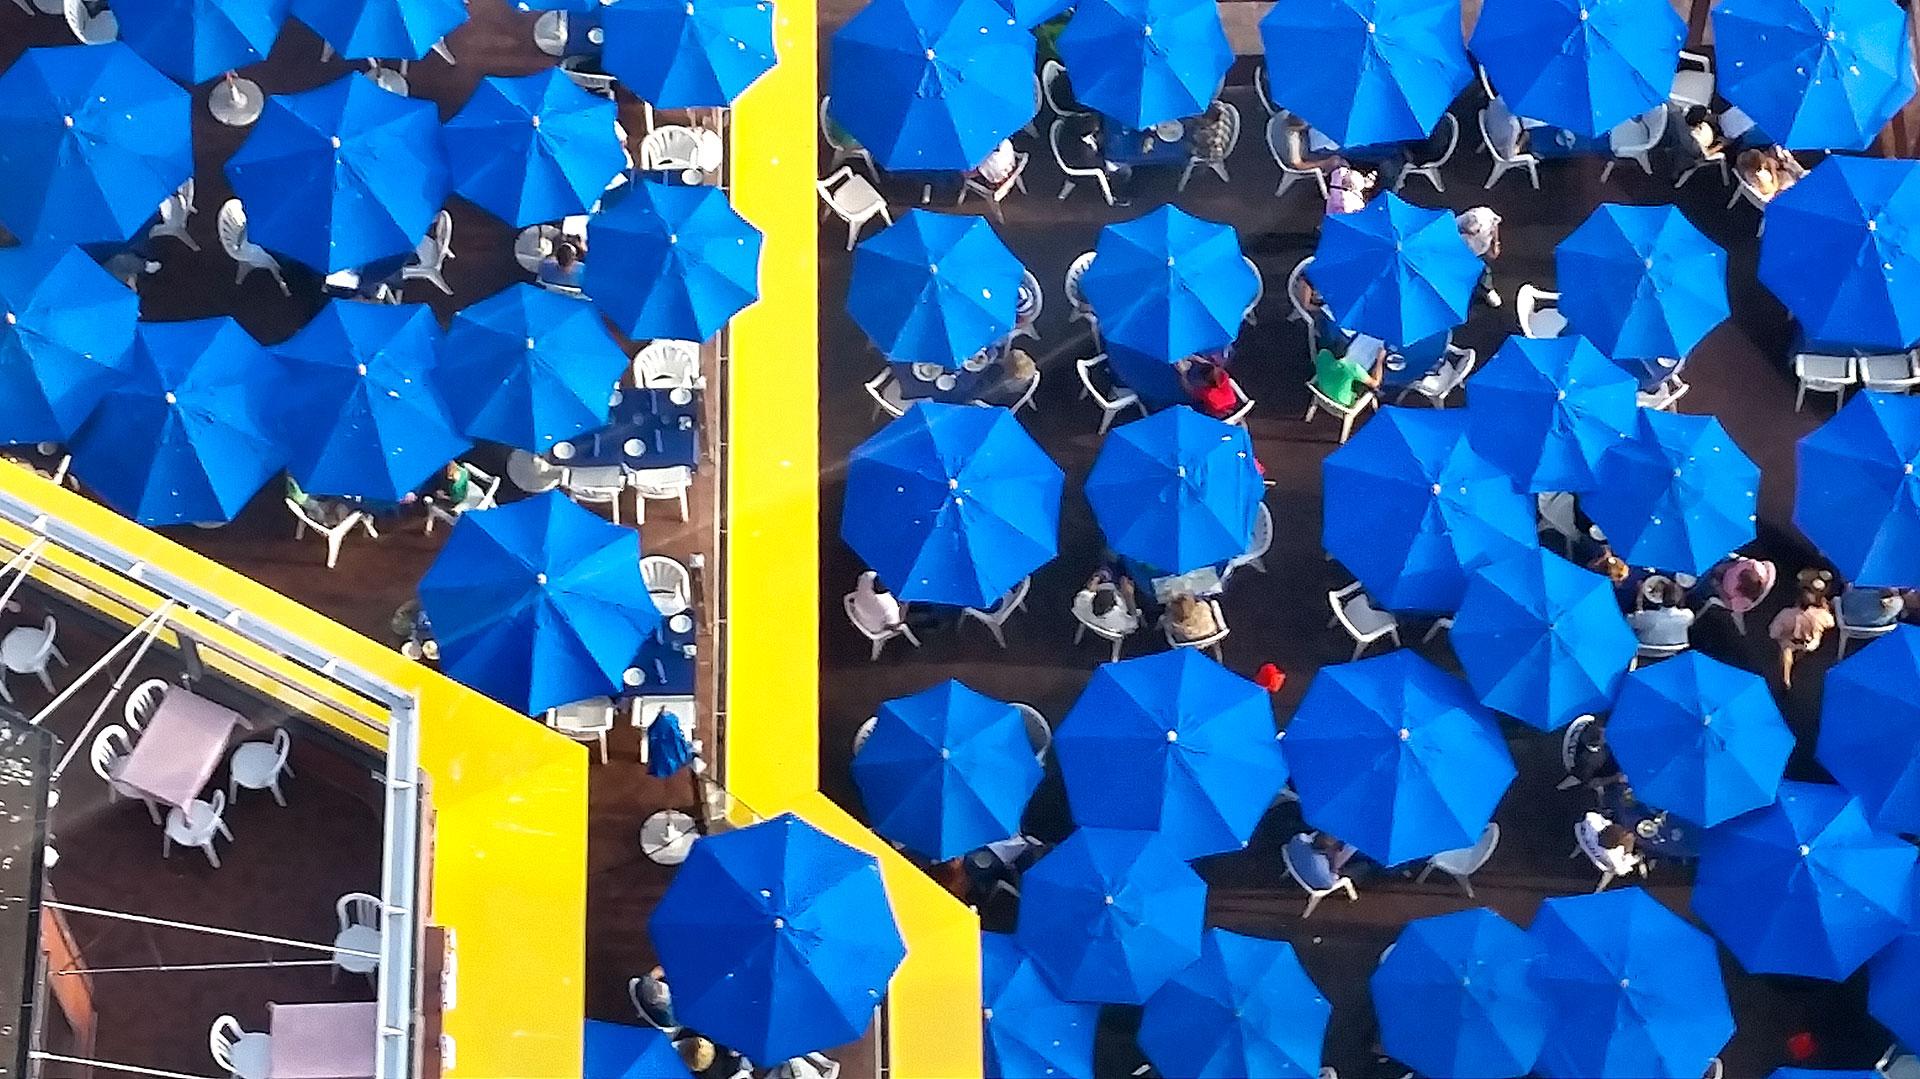 Blue Umbrellas in Seattle